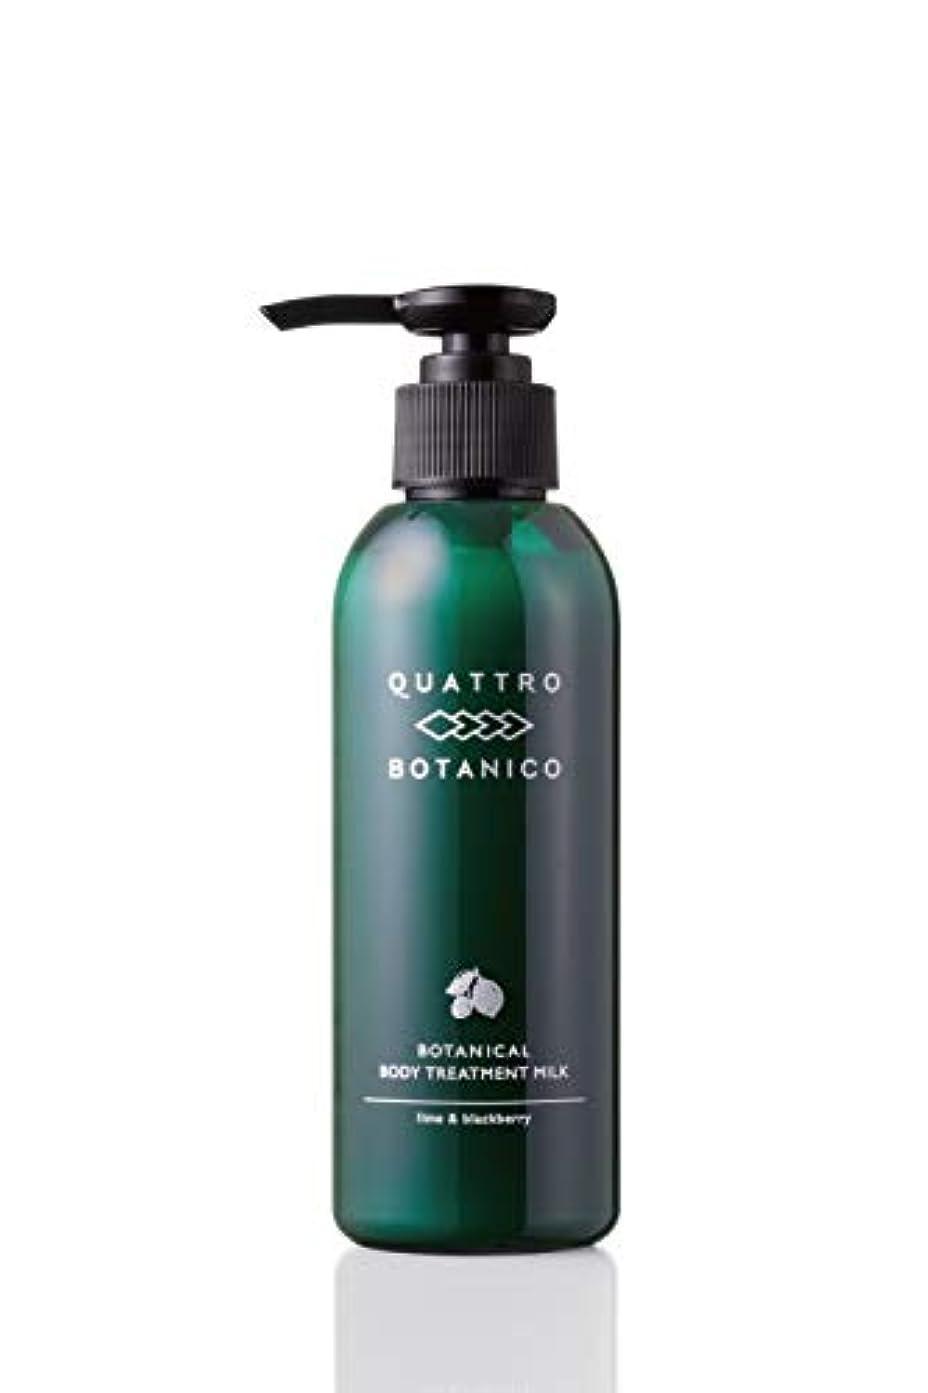 お気に入り一晩ごみクワトロボタニコ (QUATTRO BOTANICO) 【 ボディクリーム 】ボタニカル ボディ トリートメント ミルク (ポンプ式)かさつく肌の保湿に お風呂上がりに 180mL 約2ヶ月分?